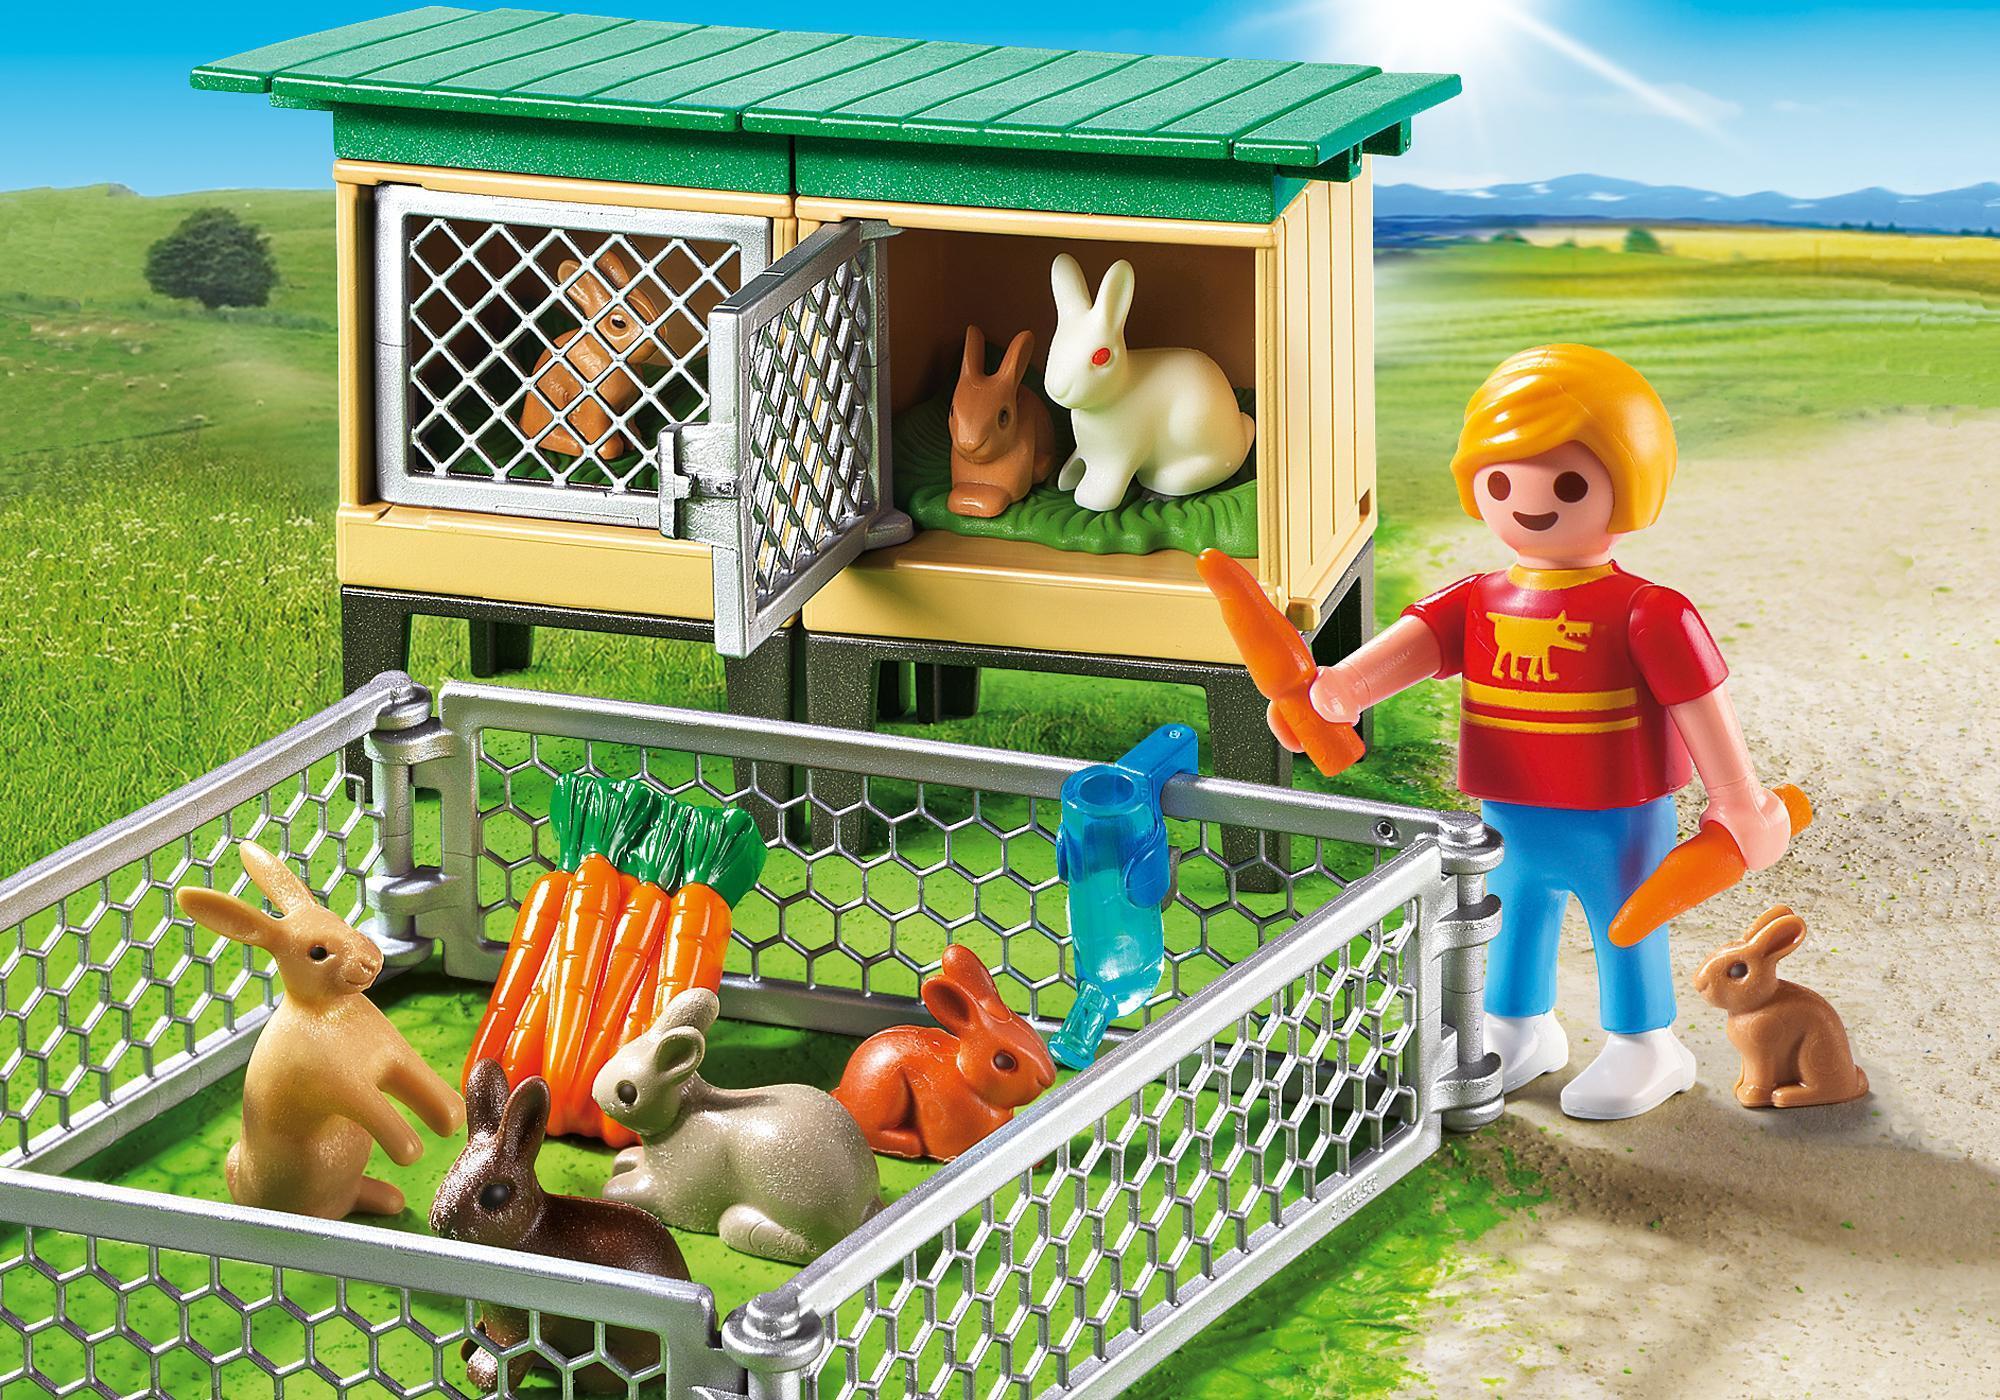 http://media.playmobil.com/i/playmobil/6140_product_detail/Coelhos e Coelheiras